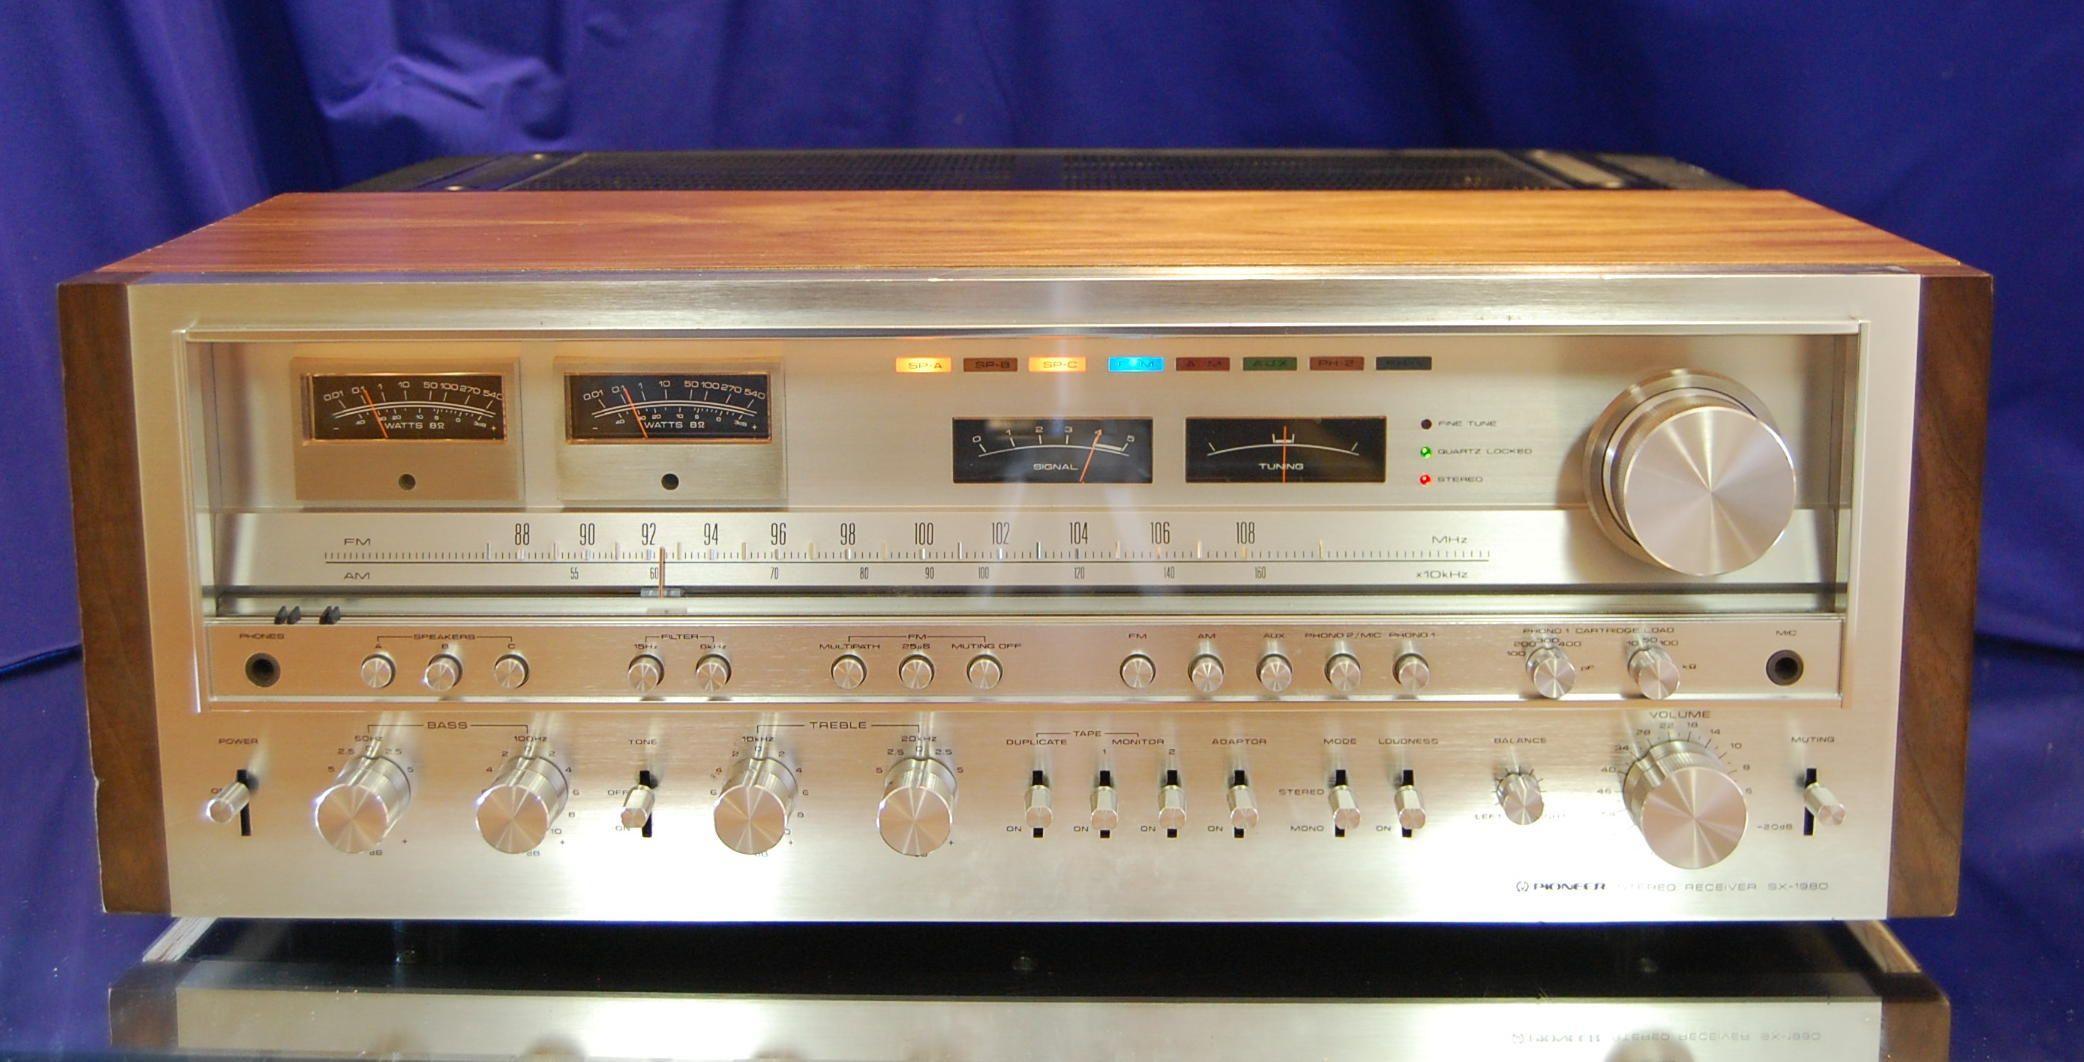 Amplificadores Sanyo 1976 - Página 2 445d60e2ba4000fc38abd50d2dd8dc72